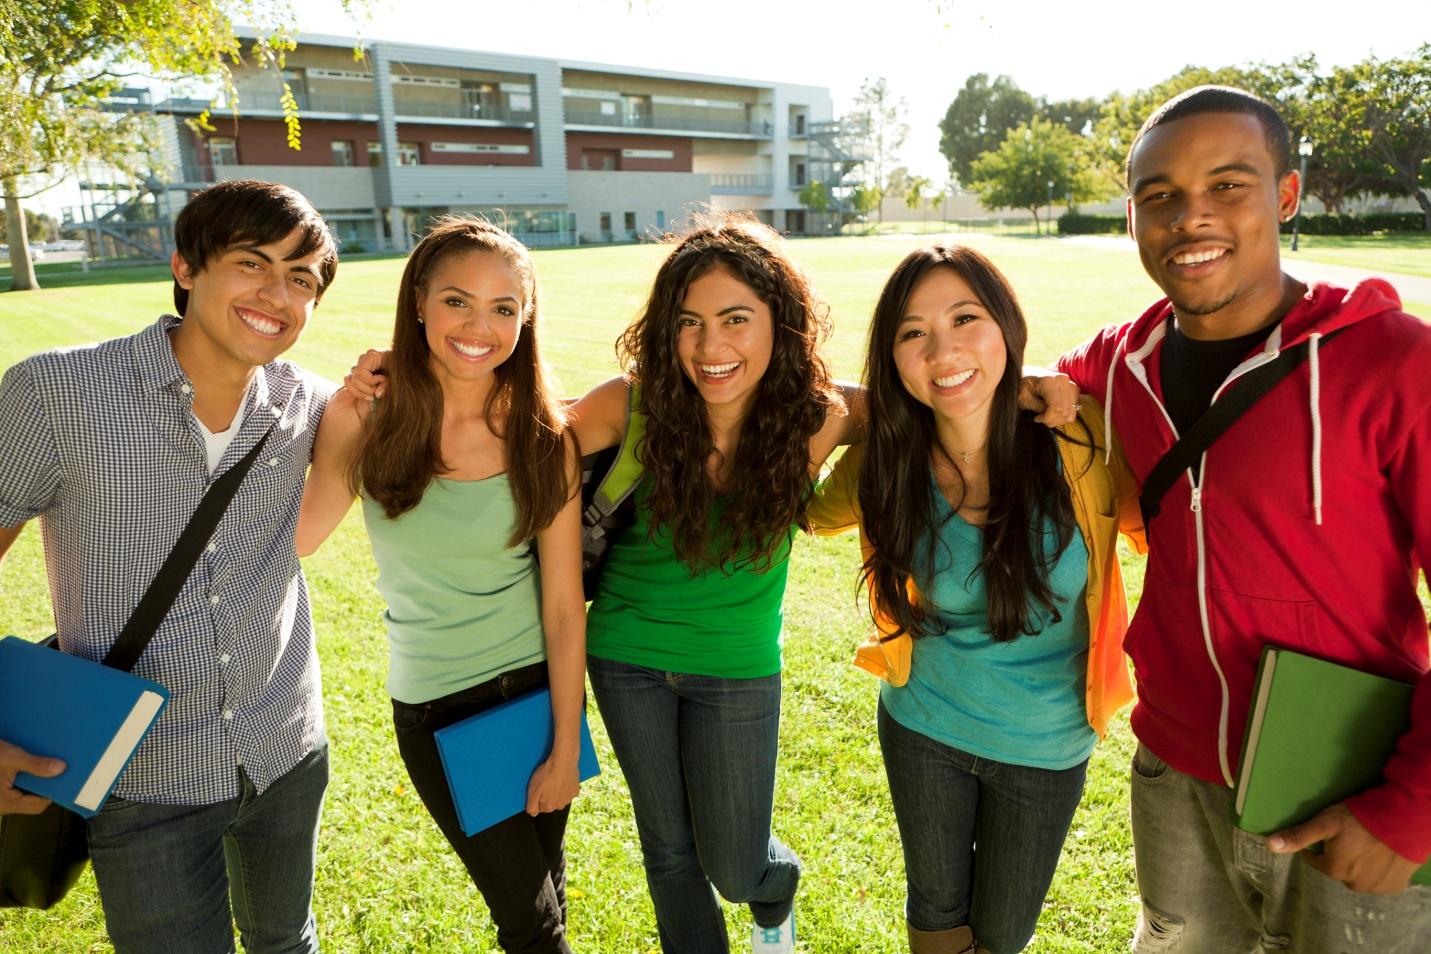 Phần lớn học sinh Trung học Mỹ đều chuyển sang trường Cao đẳng cộng đồng